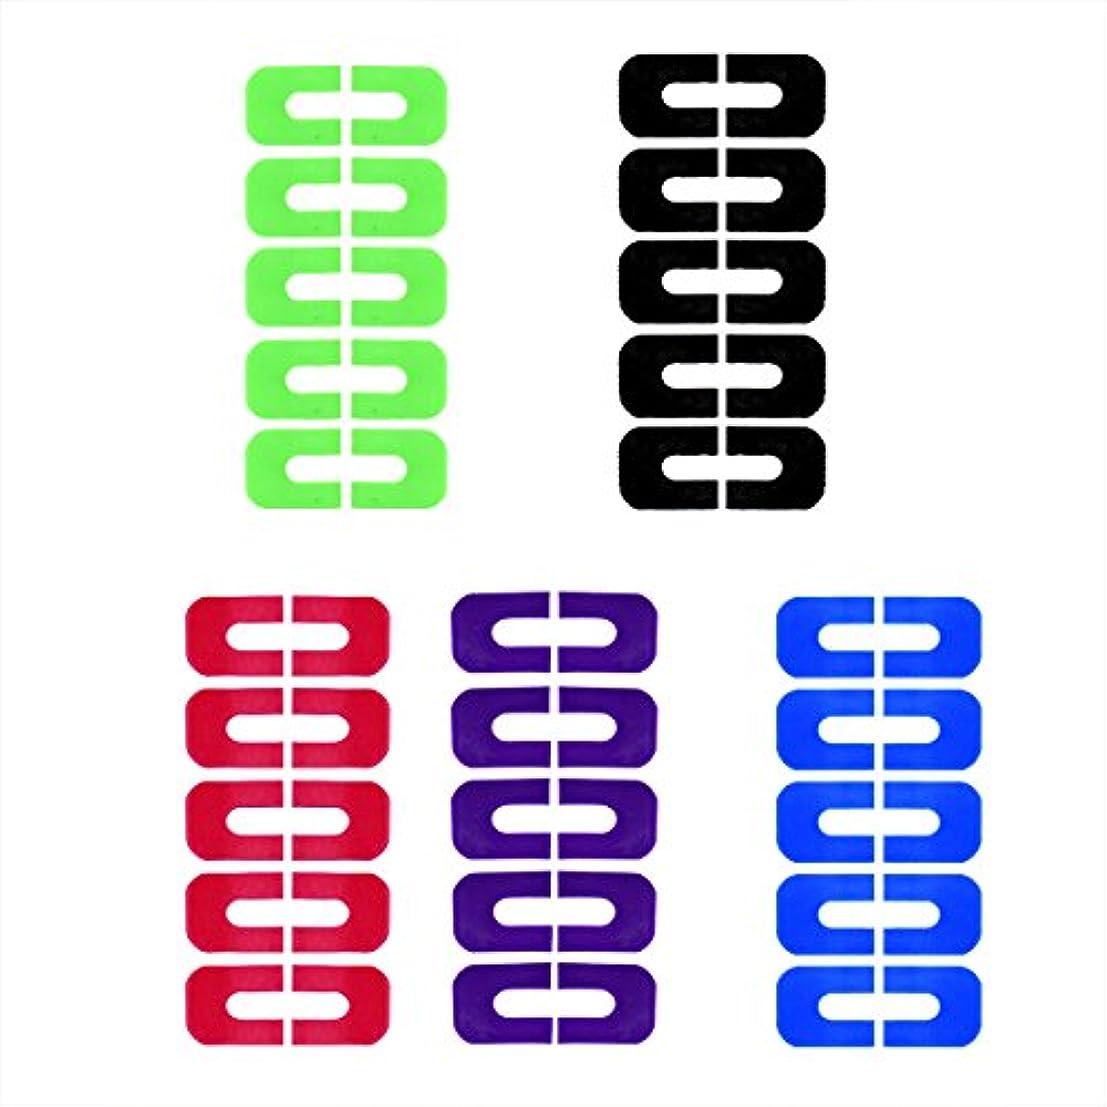 Goshang ネイルプロテクター ネイルクリップ ピールオフテープ 肌にやさしいシートタイプ 溢れを防止 5枚セット スタンピングプレートツール